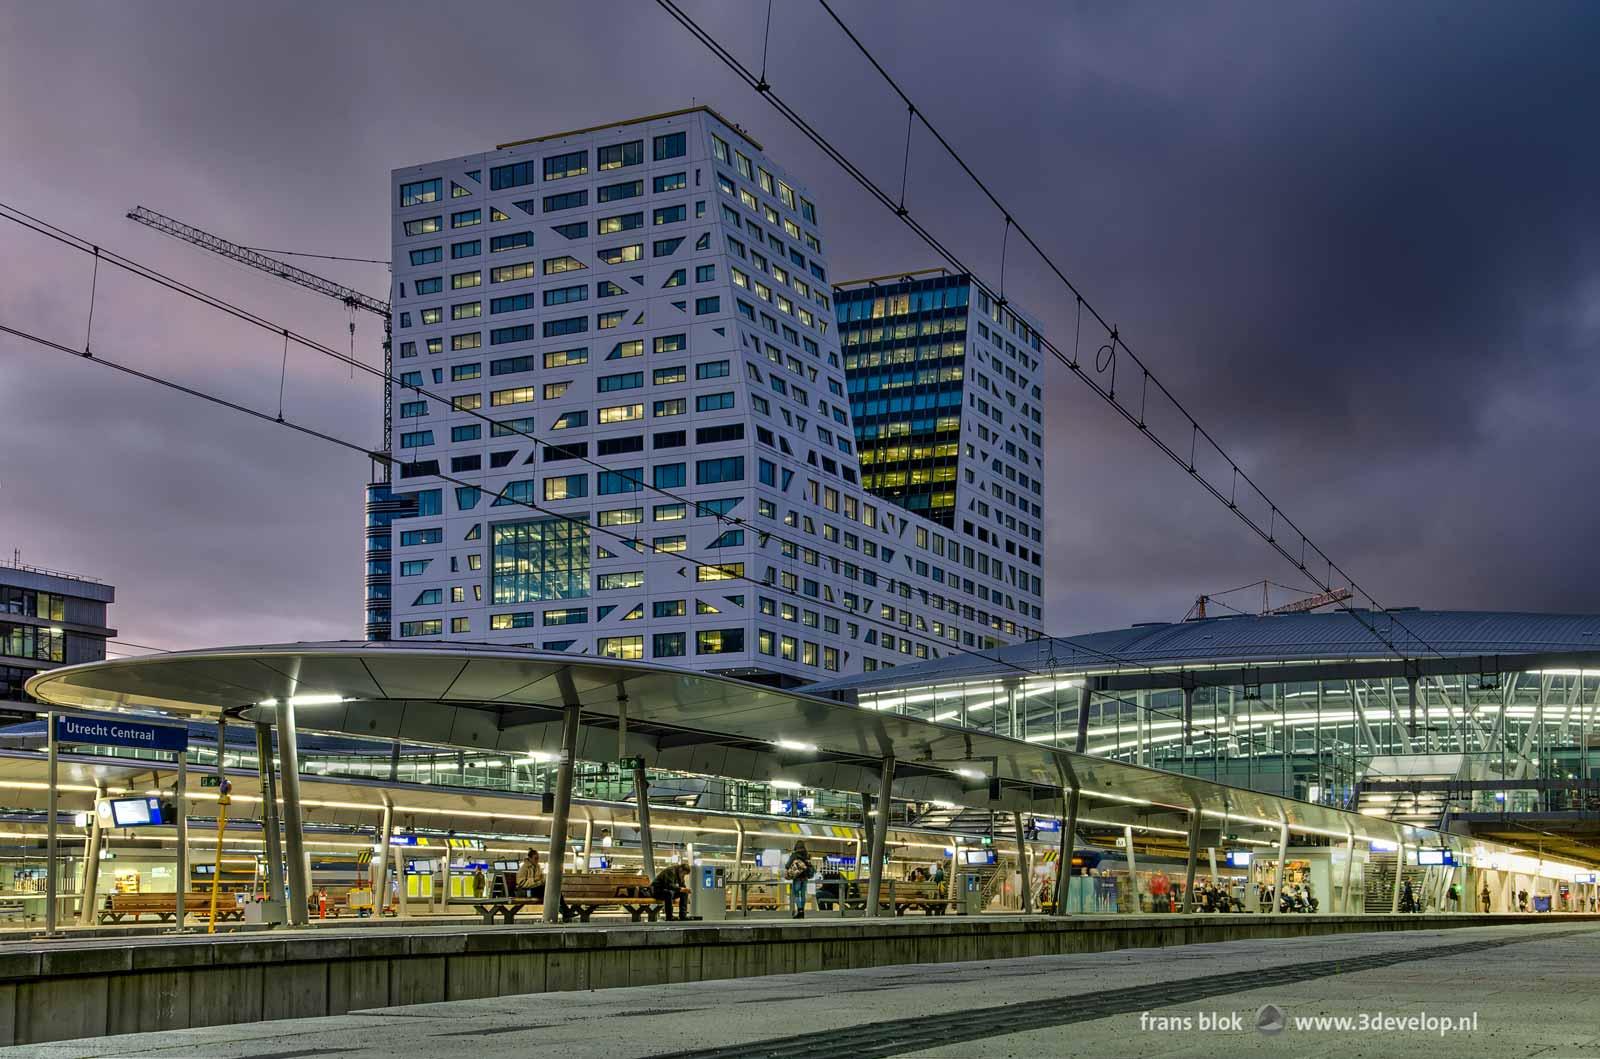 Foto gemaakt vanaf het perron op station Utrecht Centraal tijdens het blauwe uur, met de perronoverkappingen, de stationshal en het Stadskantoor.